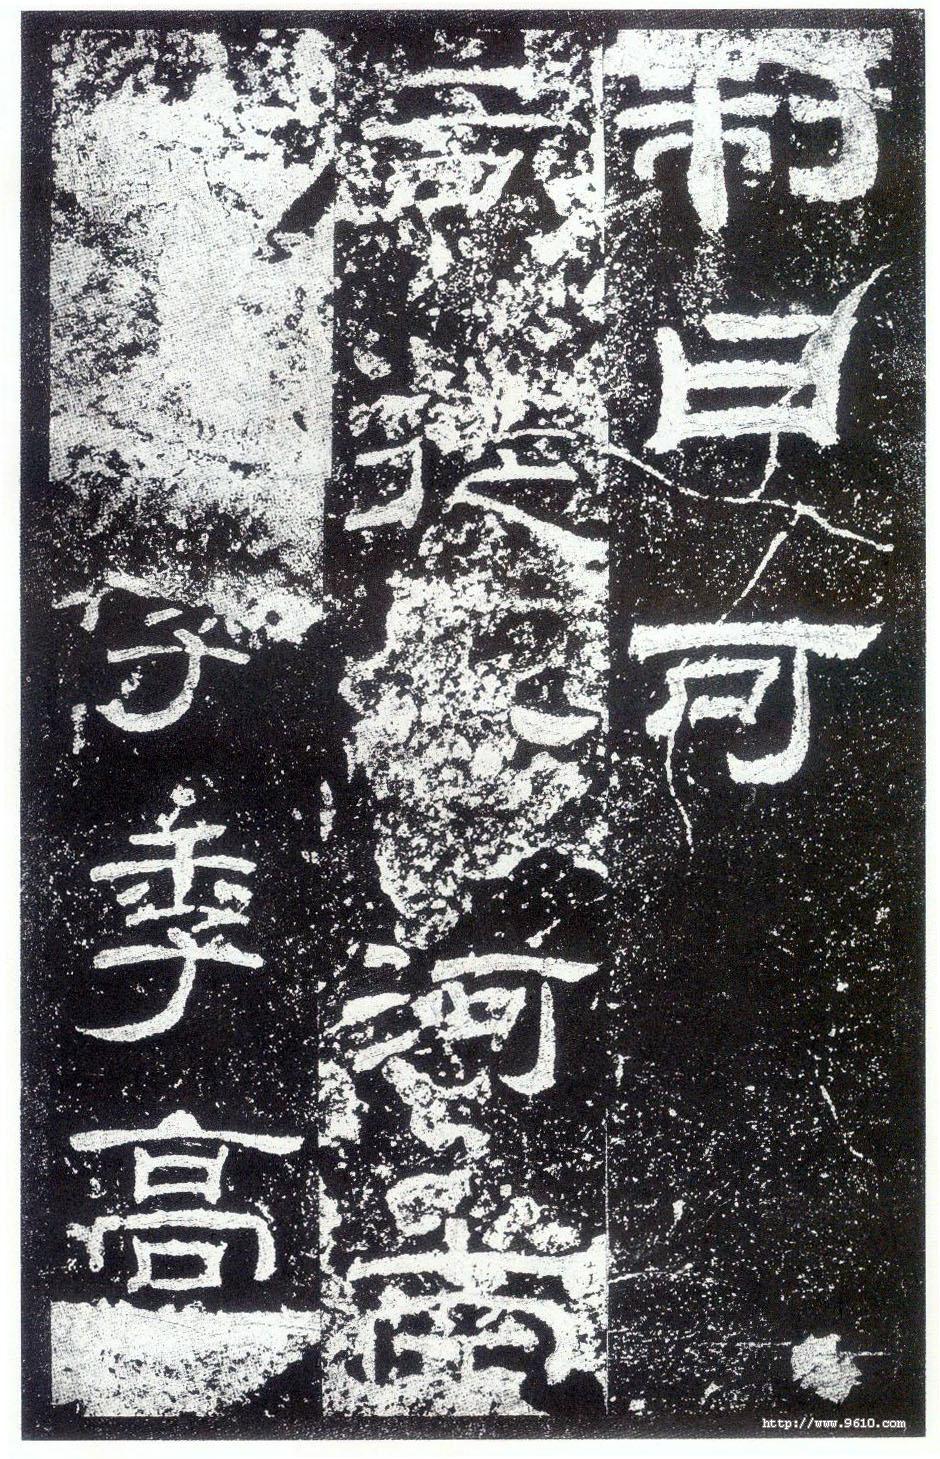 《乙瑛碑》(《汉鲁相乙瑛置百石卒史碑》)① - 香儿 - xianger